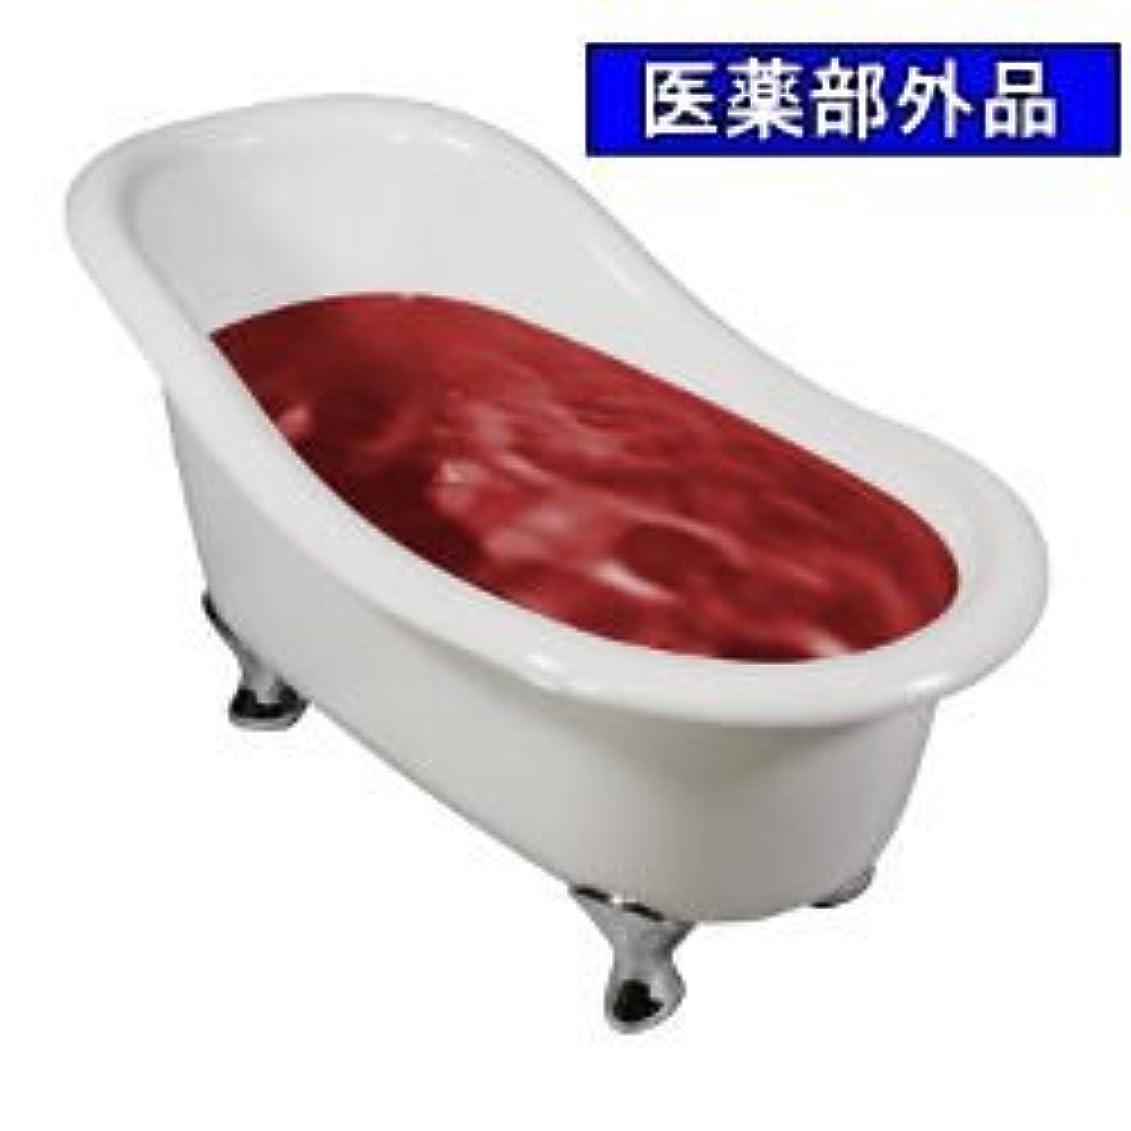 業務用薬用入浴剤バスフレンド 禄寿湯 17kg 医薬部外品